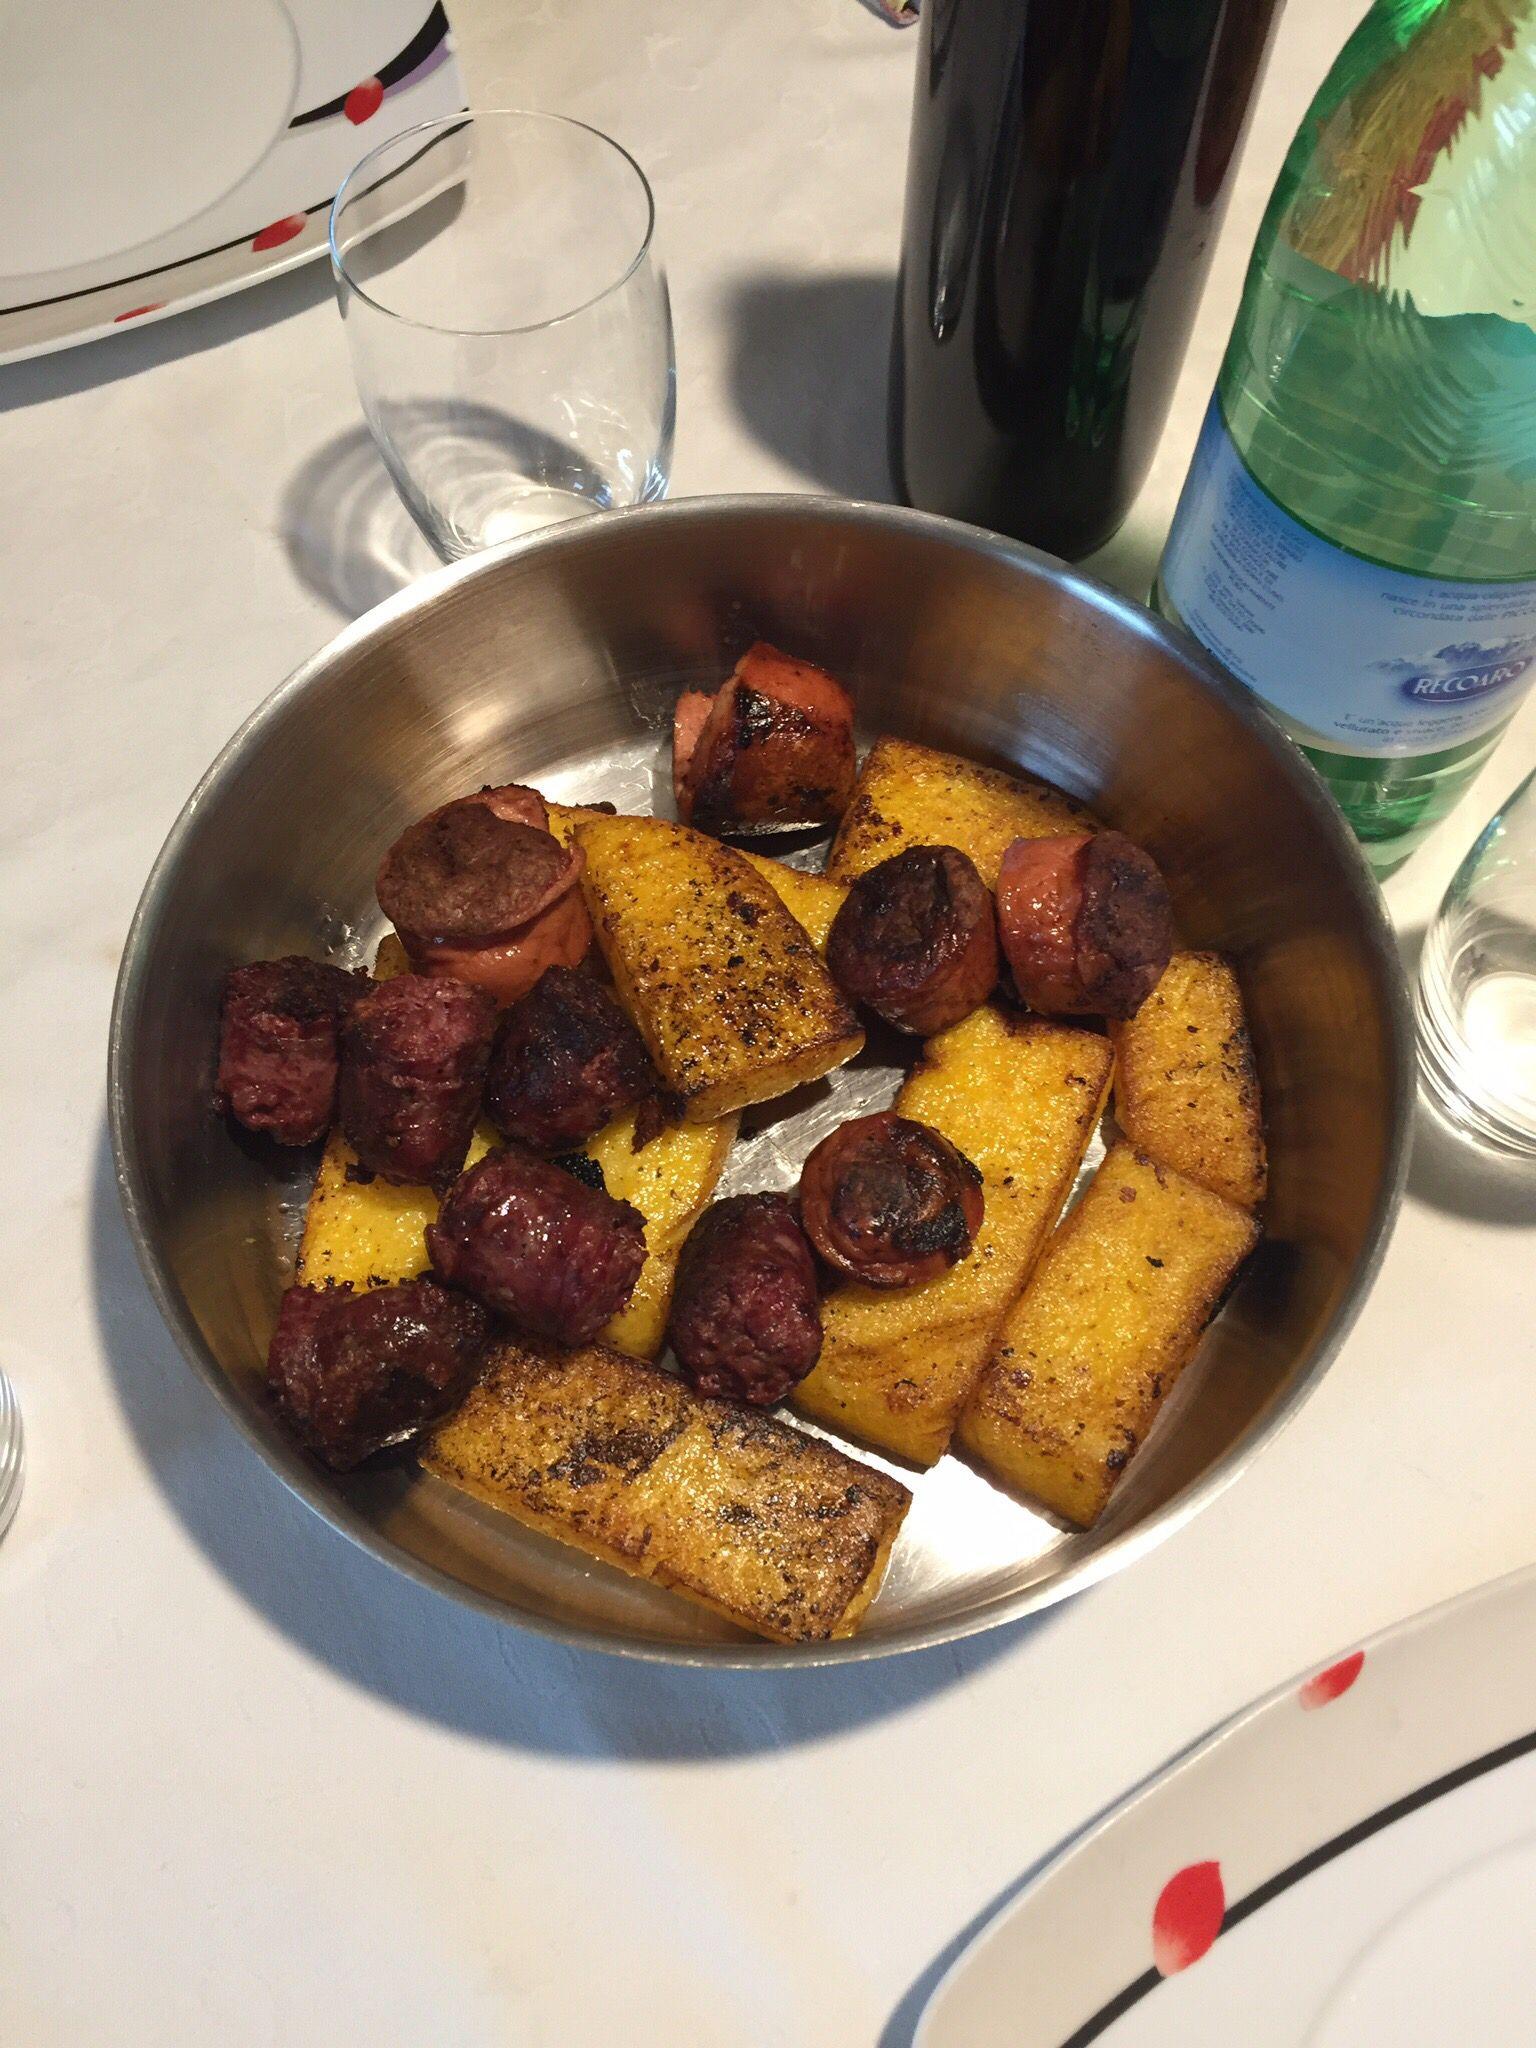 Morette e würstel artigiani con polenta veneta, cucinati con il pocio delle costine di vitello.